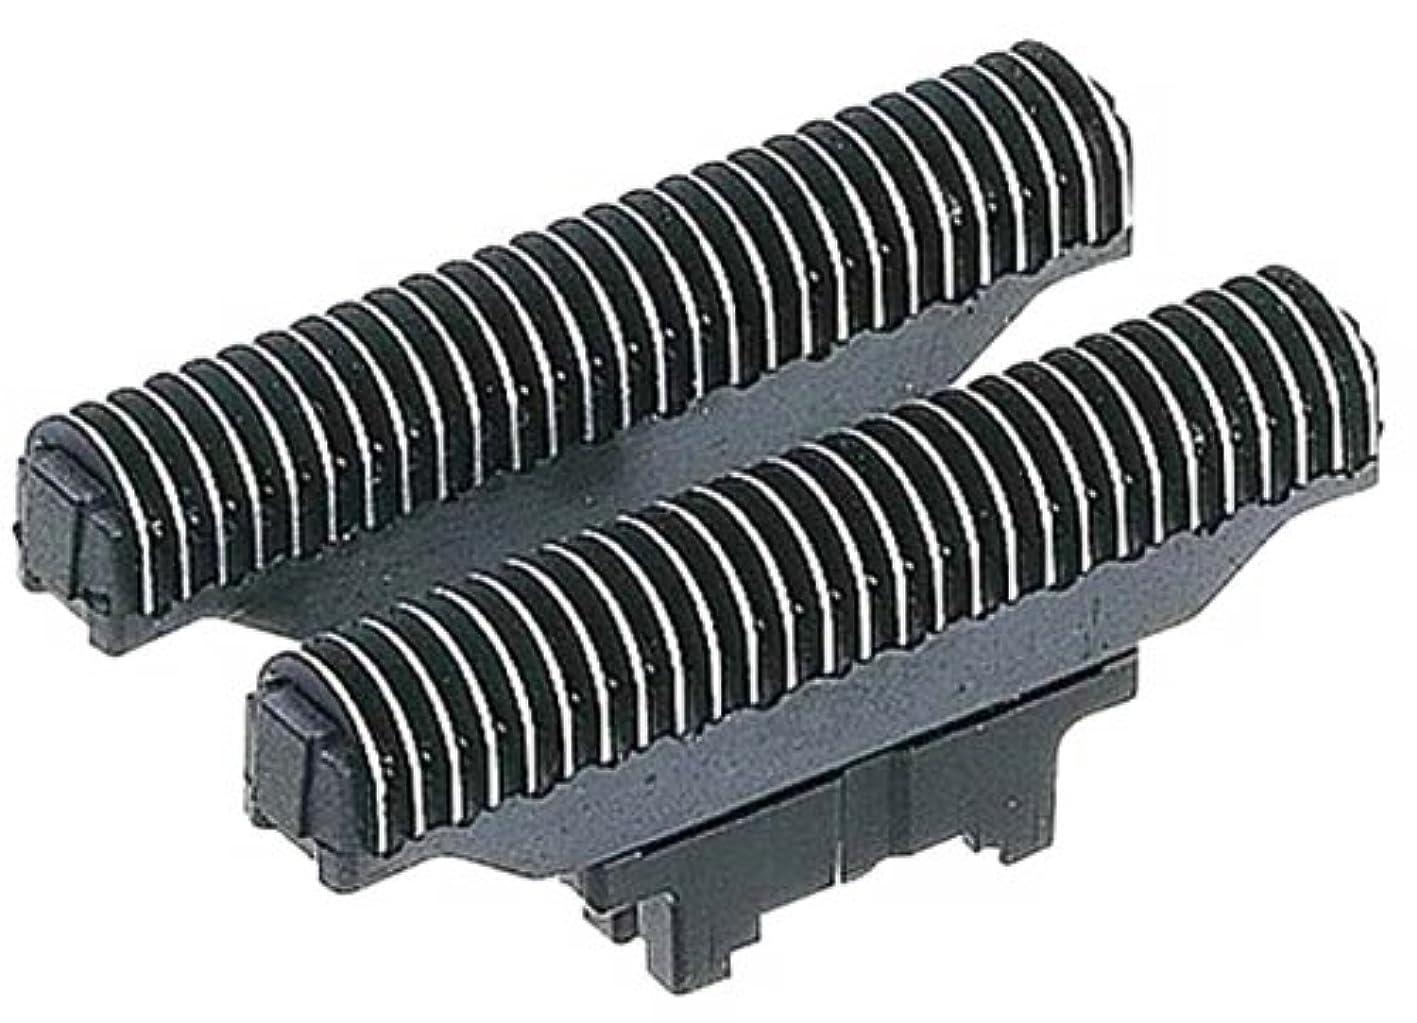 タフ委託より良いパナソニック 替刃 メンズシェーバー用 ES9080